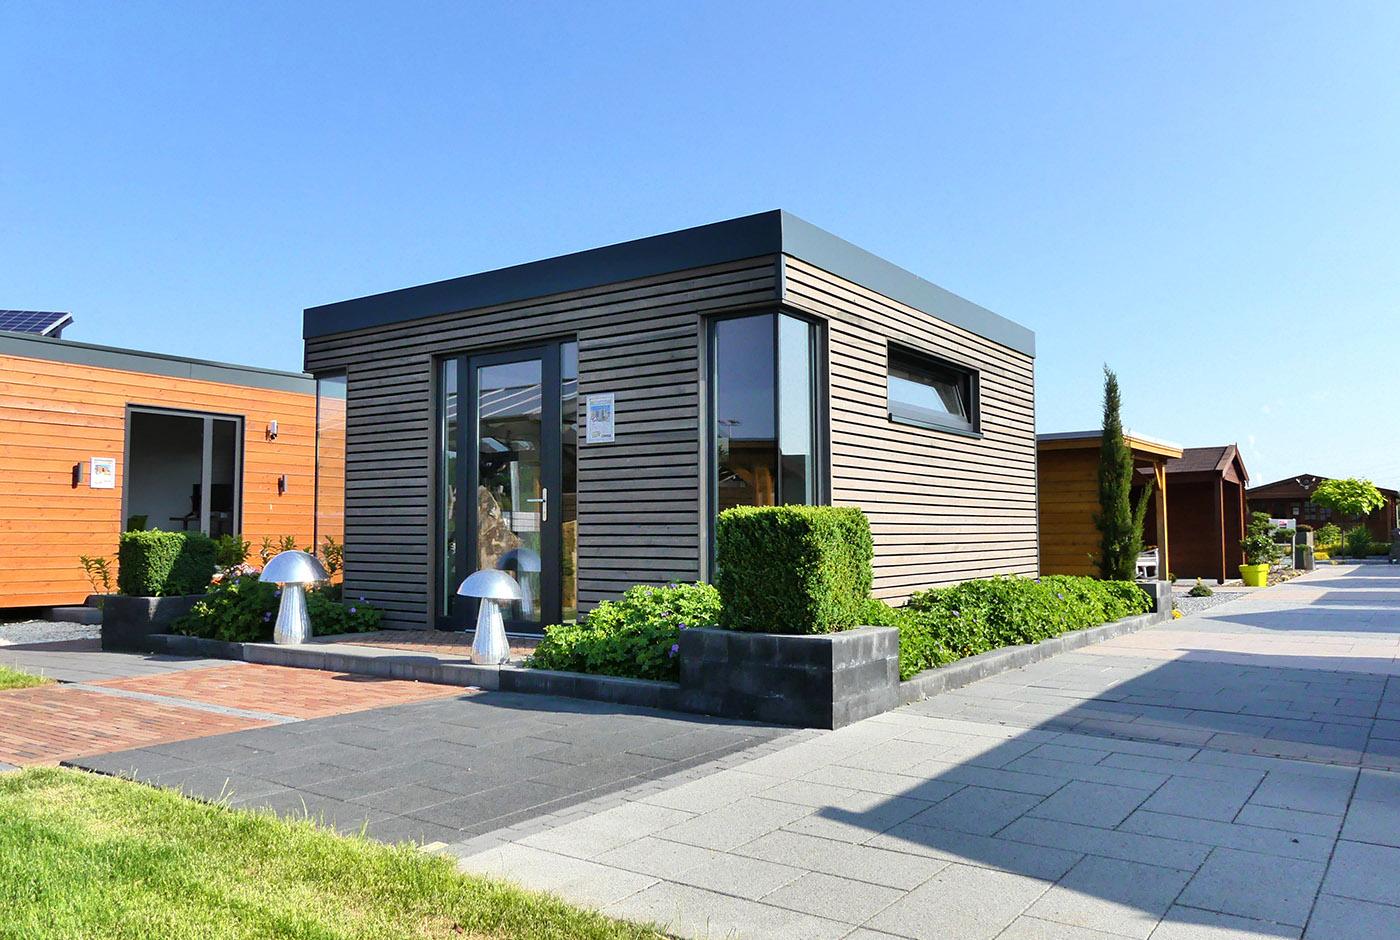 das gartenhaus wird zum b ro das gilt es zu beachten. Black Bedroom Furniture Sets. Home Design Ideas